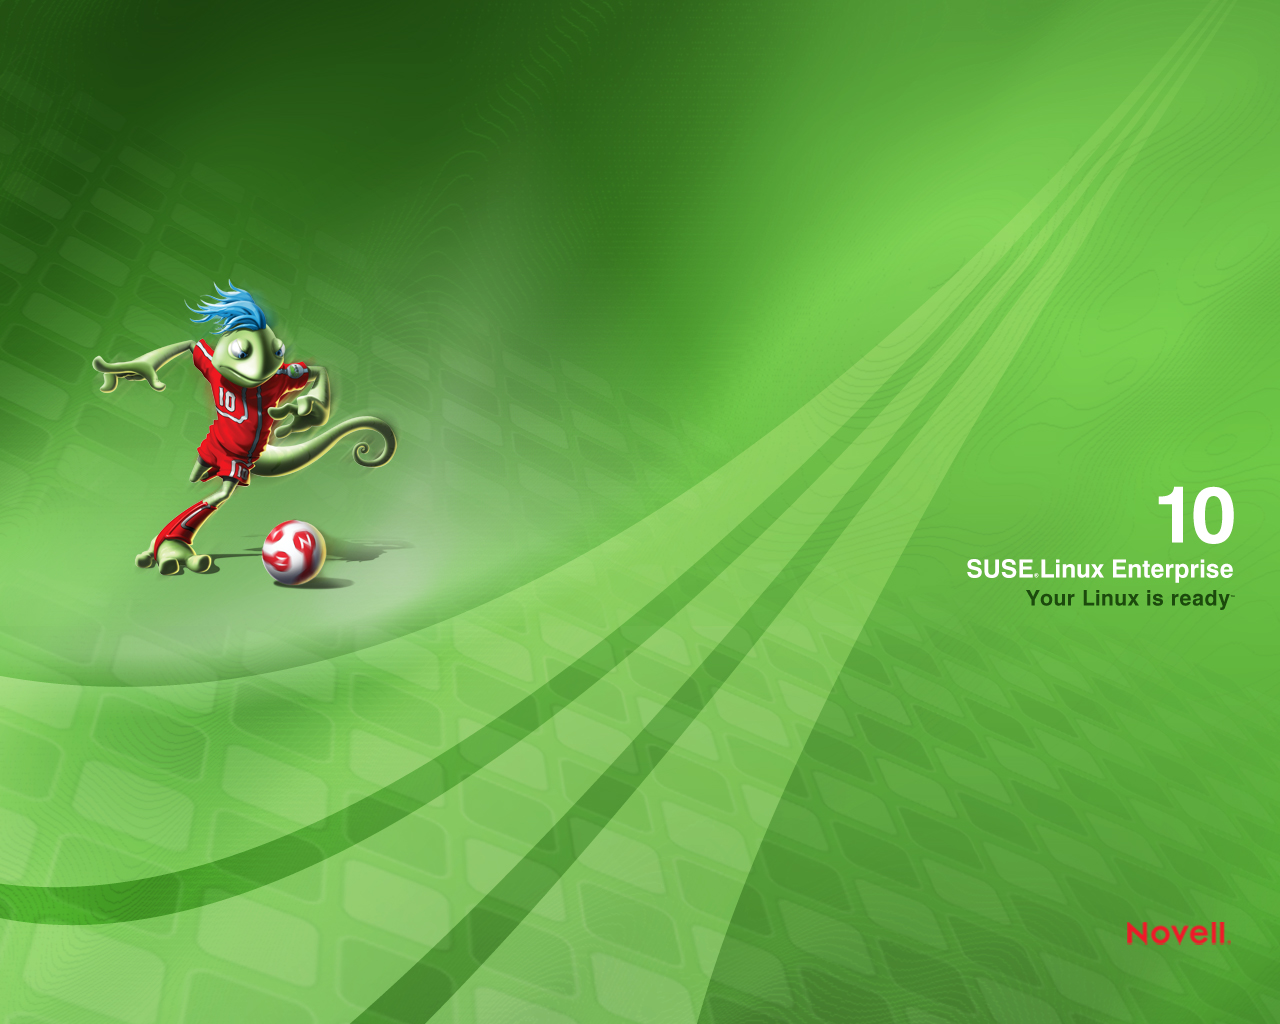 https://4.bp.blogspot.com/_gx7OZdt7Uhs/TQzBT-MkEZI/AAAAAAAAFbc/n5c6QMmQKpQ/s1600/Wallpaper+Desktop+greeny+pic.jpg